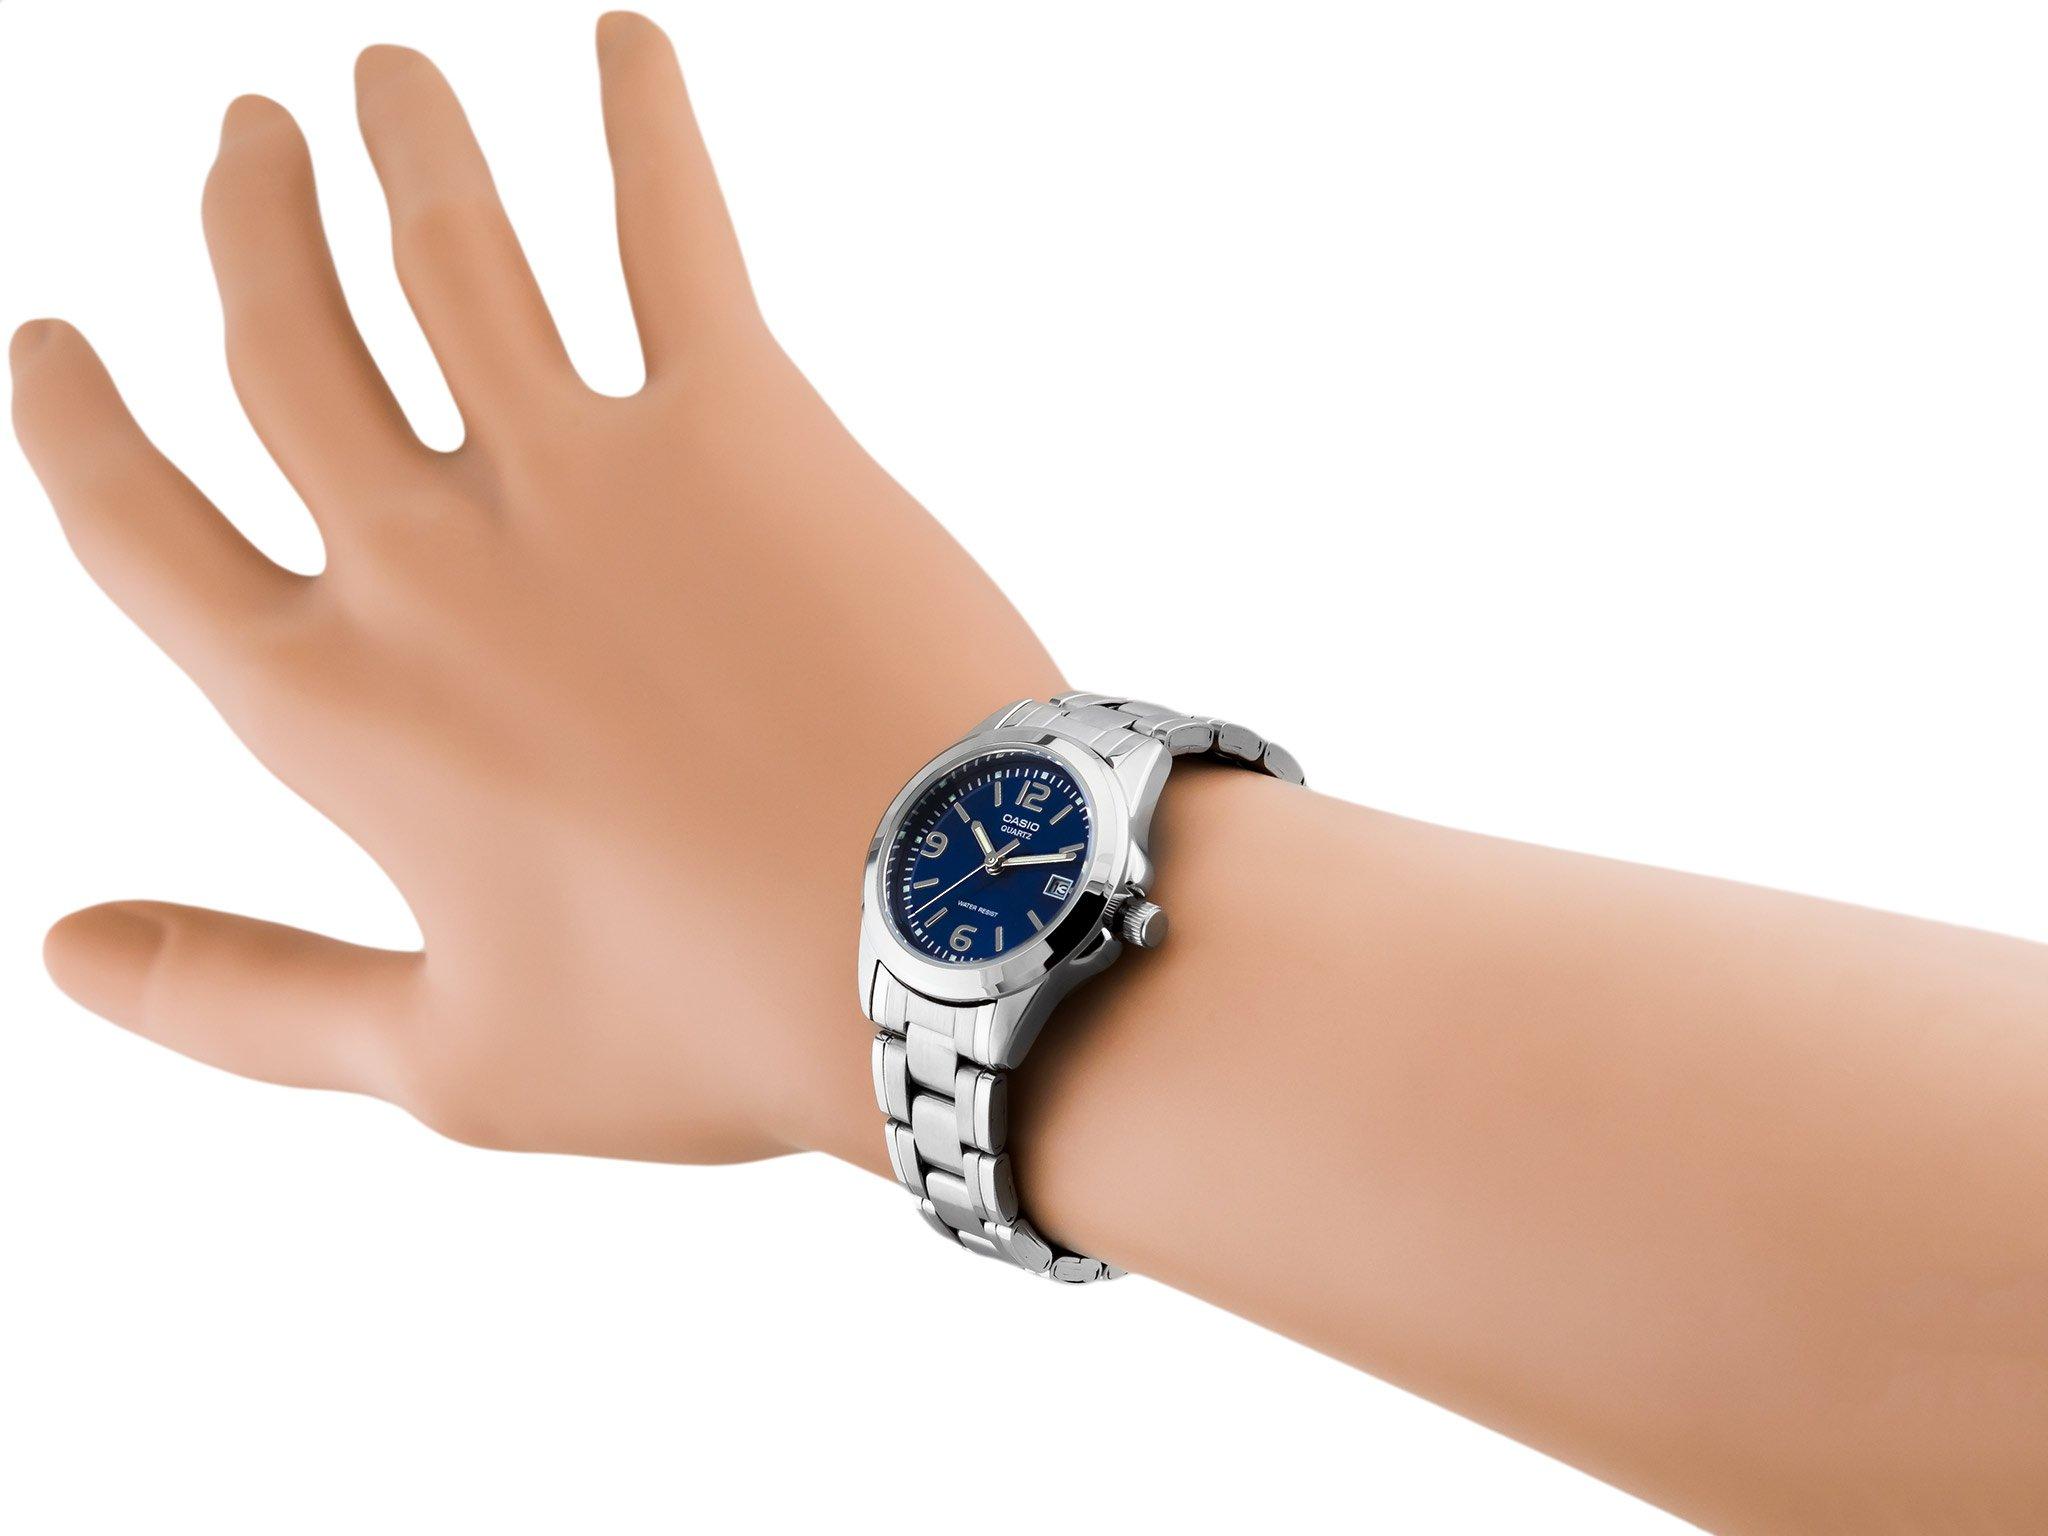 Zegarek damski CASIO LTP 1259PD 2A 124,00 zł cena tanio